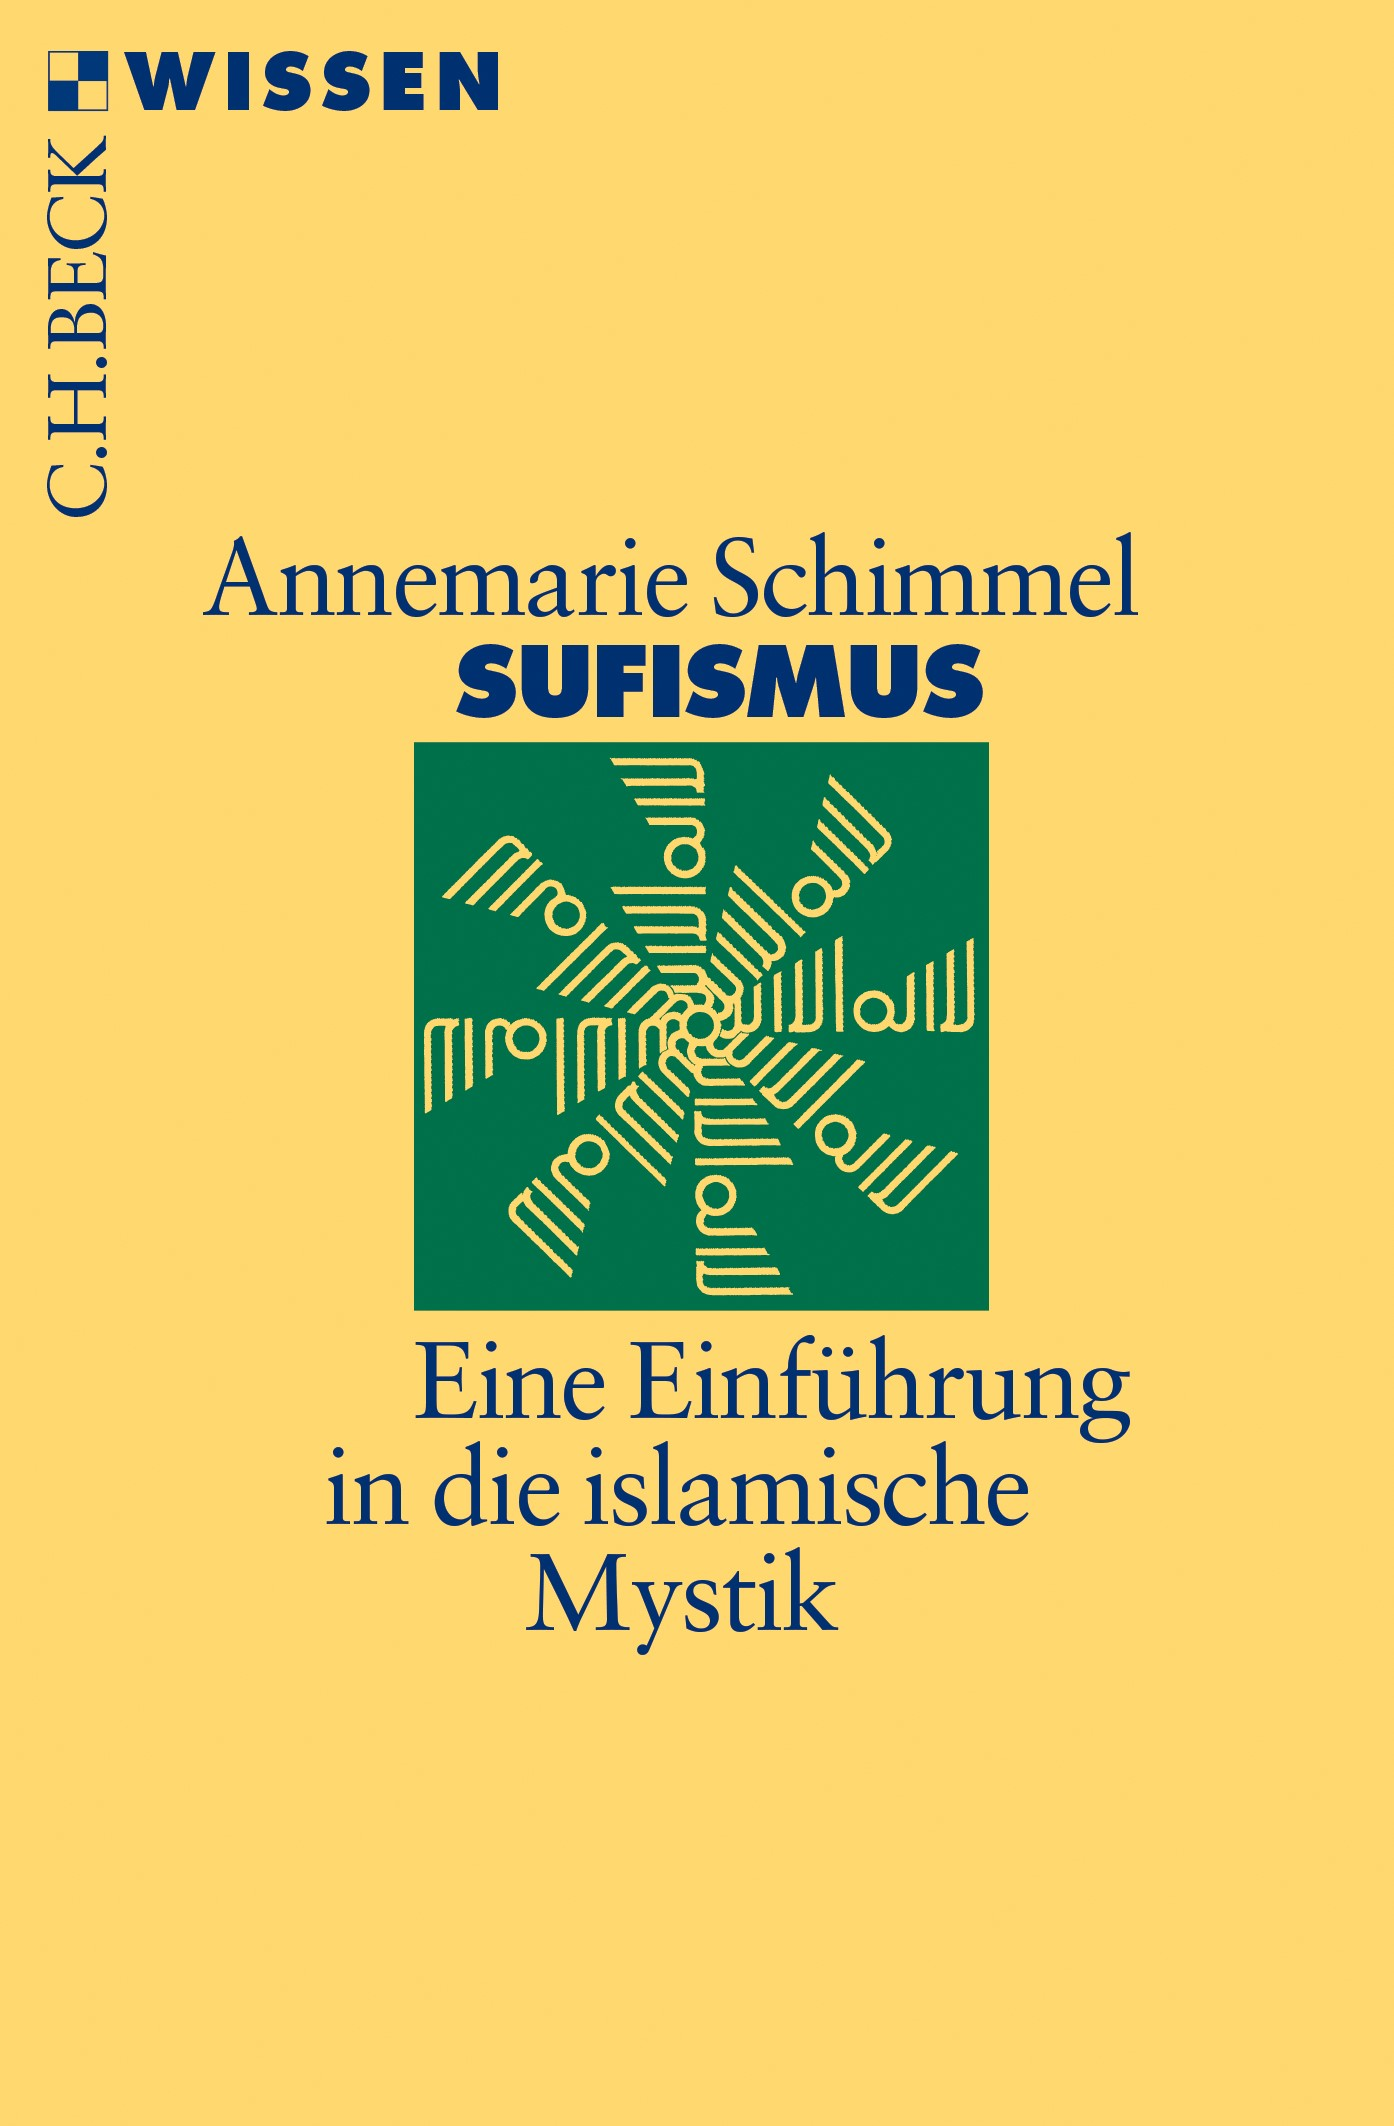 Sufismus | Schimmel, Annemarie | 6., durchgesehene Auflage, 2018 | Buch (Cover)